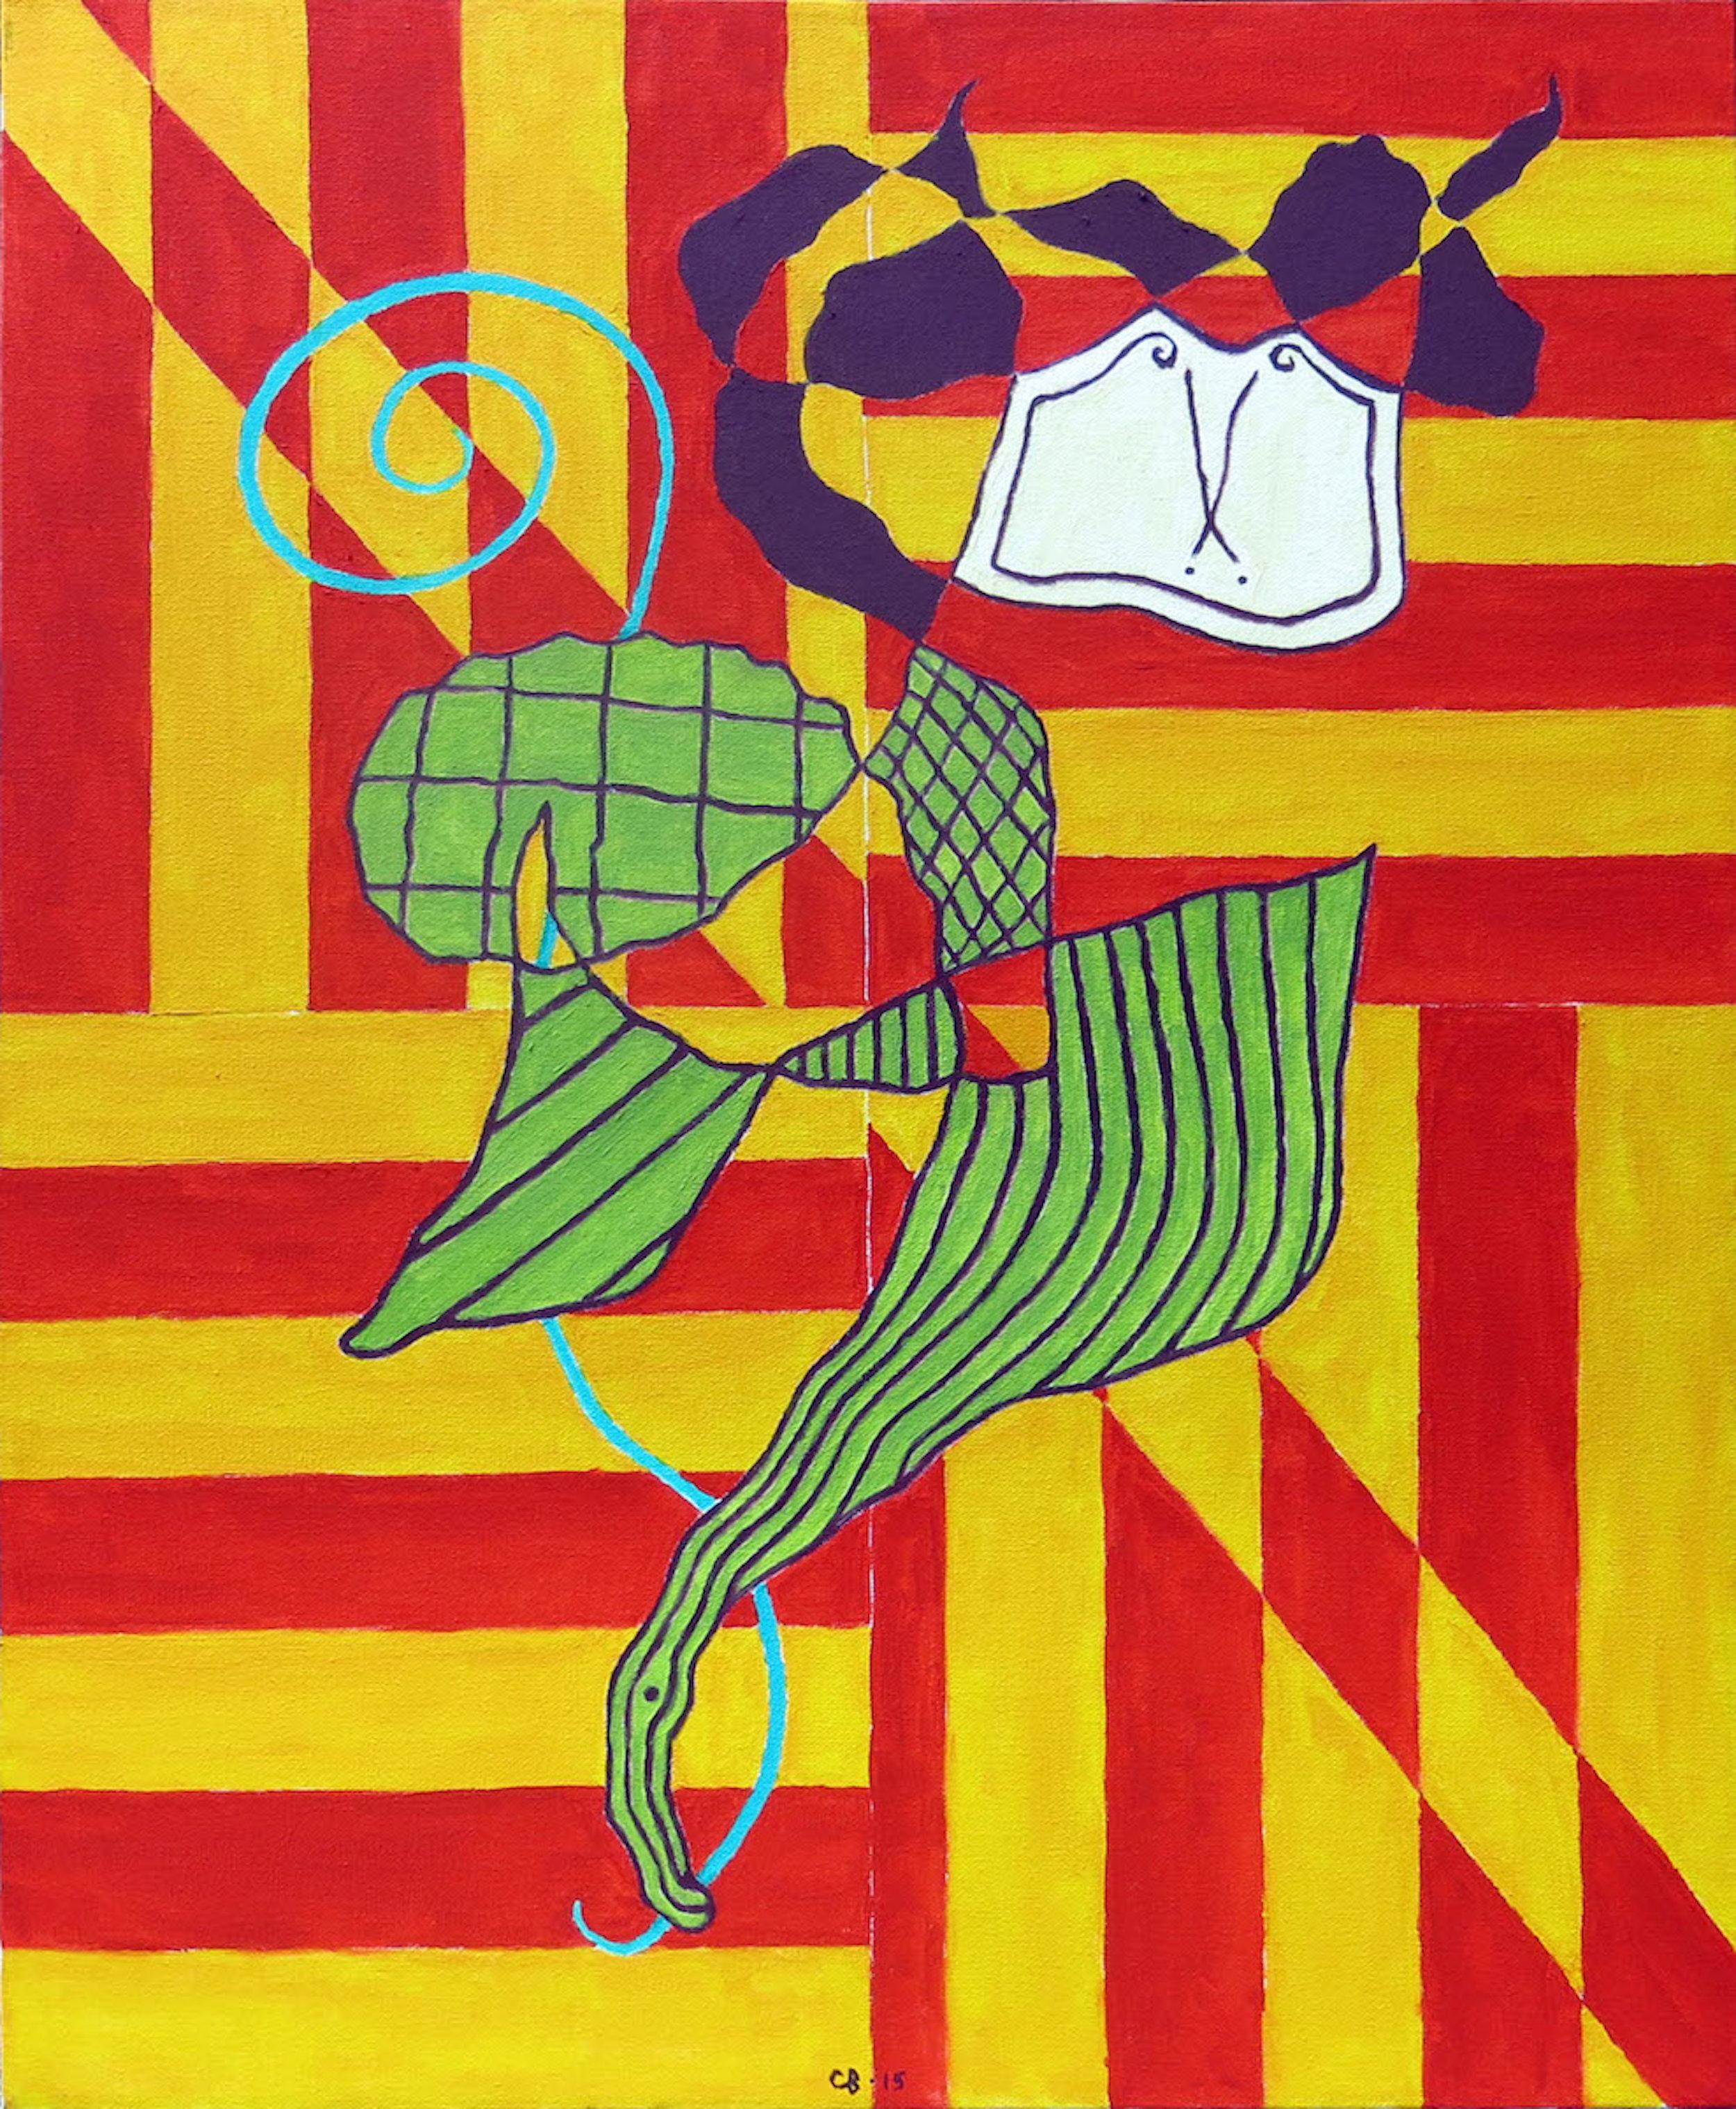 Chuck Boyce, Pilgrim, 2015, oil on canvas, 28h x 22w in.